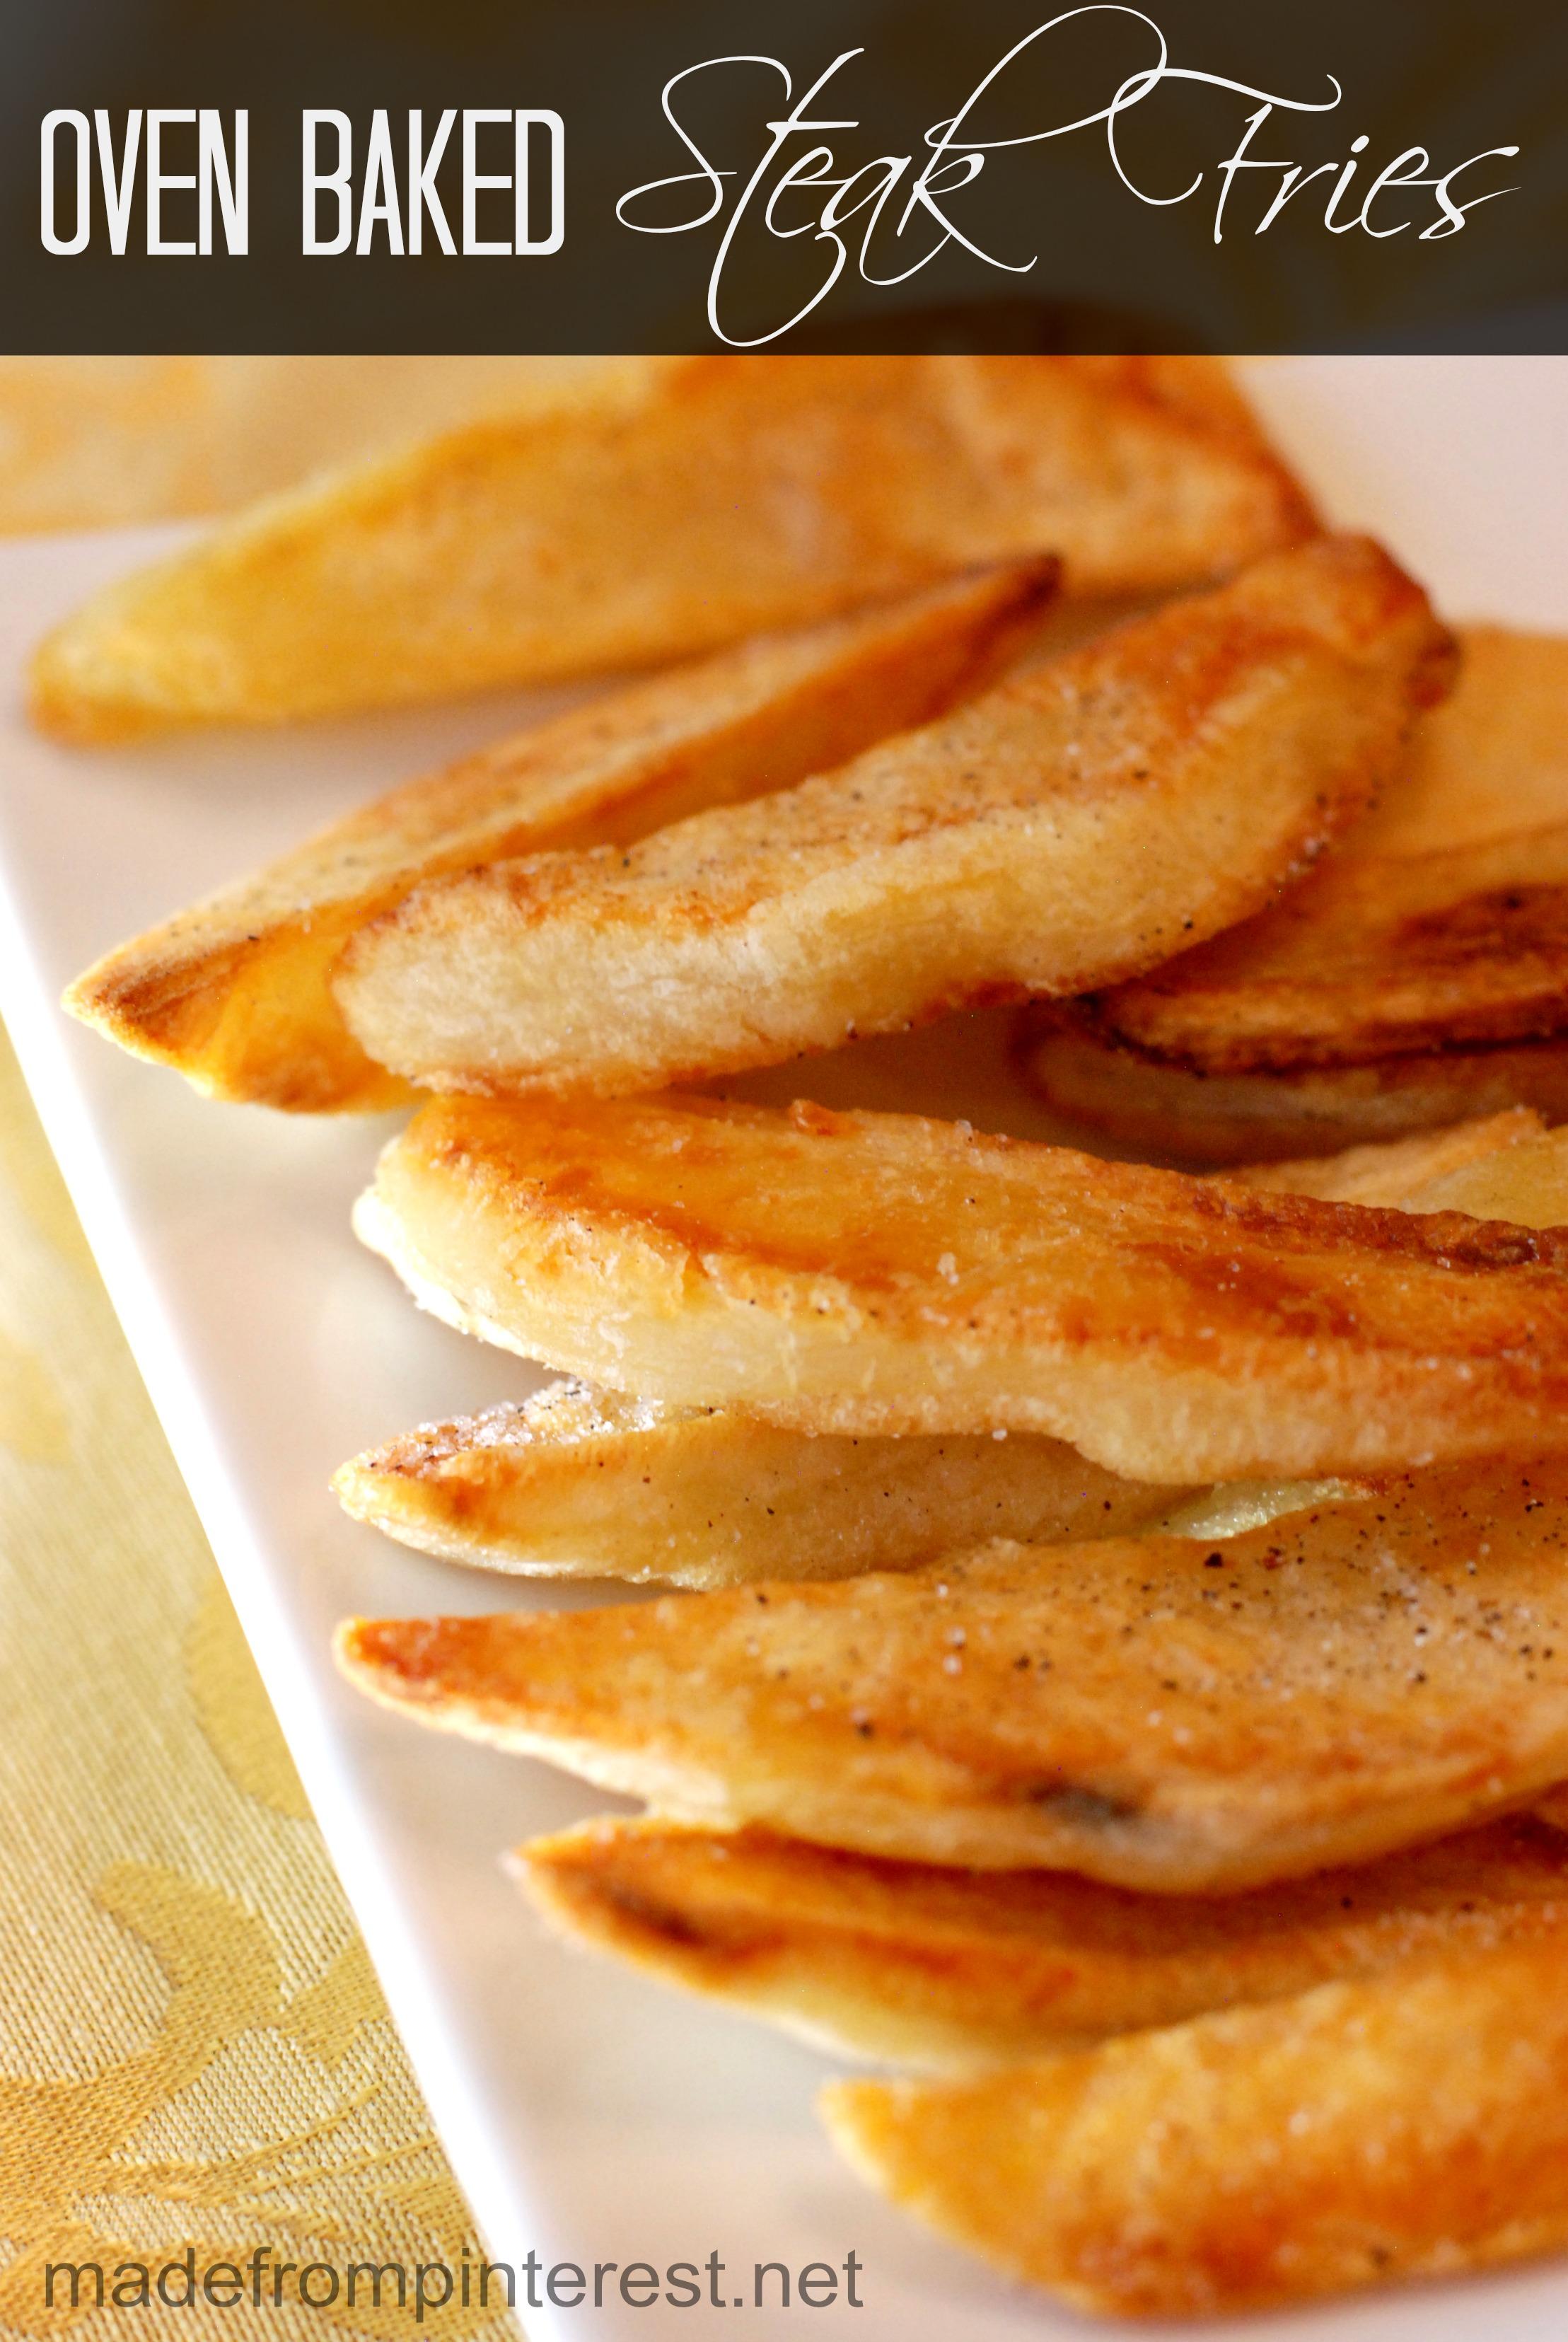 Oven Baked Steak Fries | madefrompinterest.net